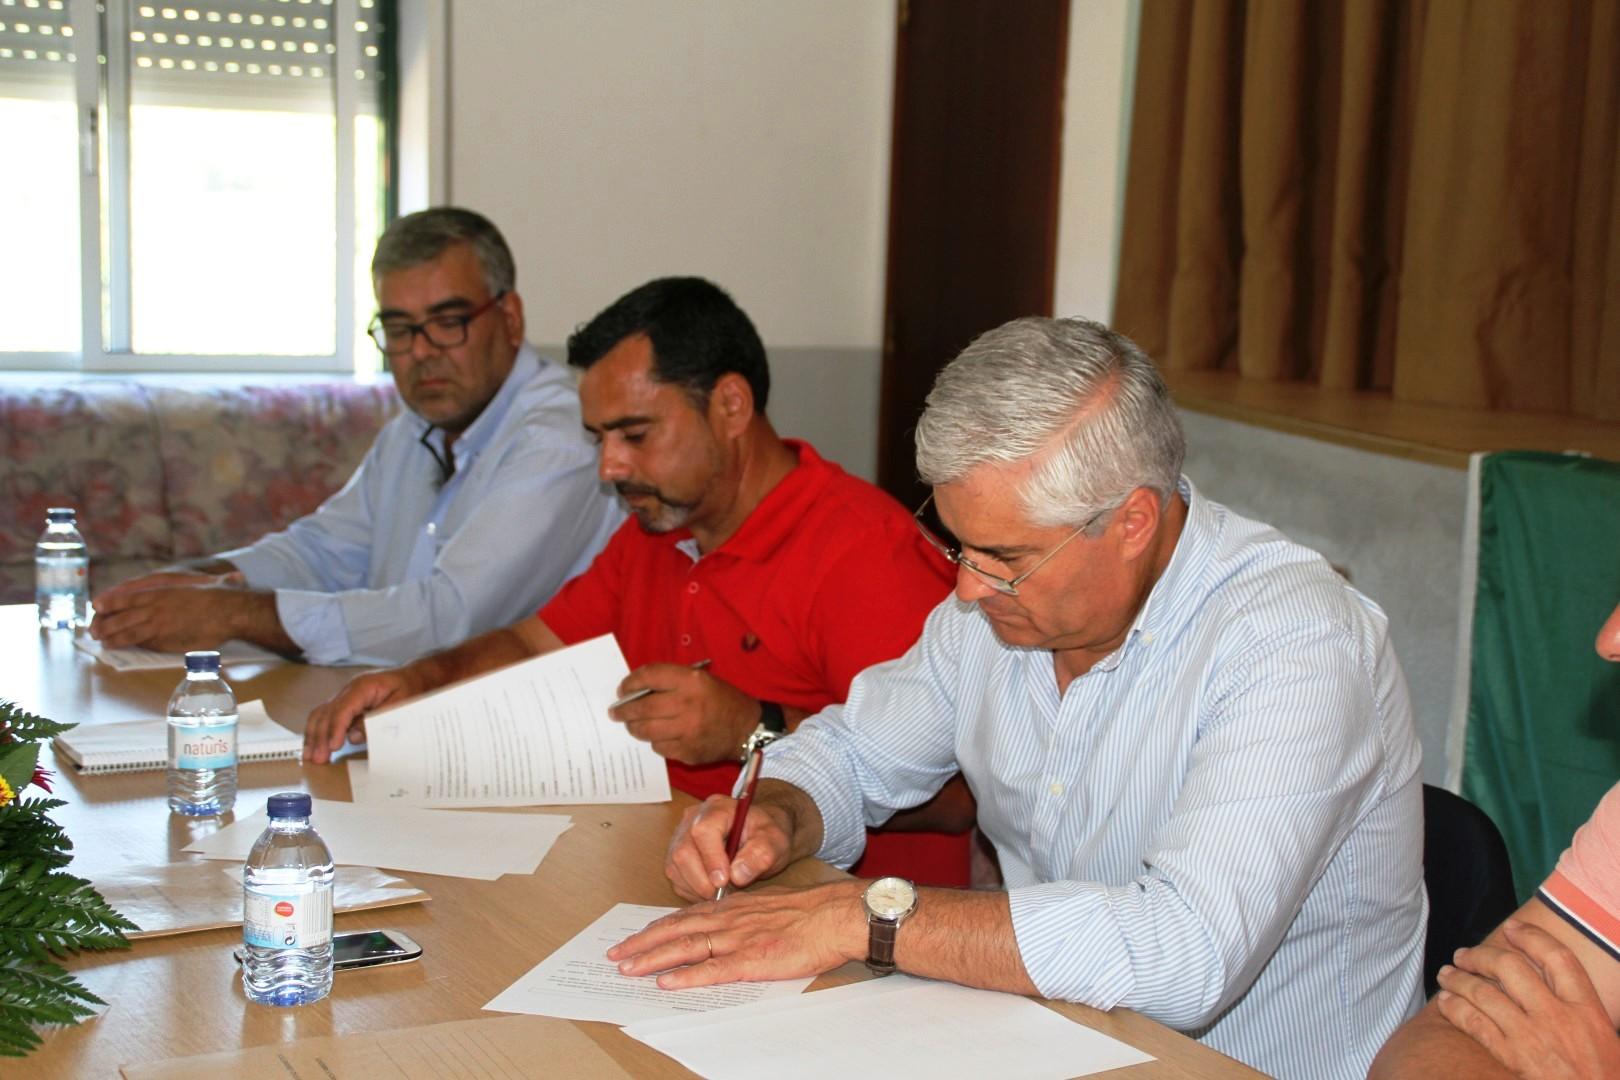 Município de Tábua assina Contrato de Adjudicação do Saneamento de Sevilha, Vale de Taipa e Babau